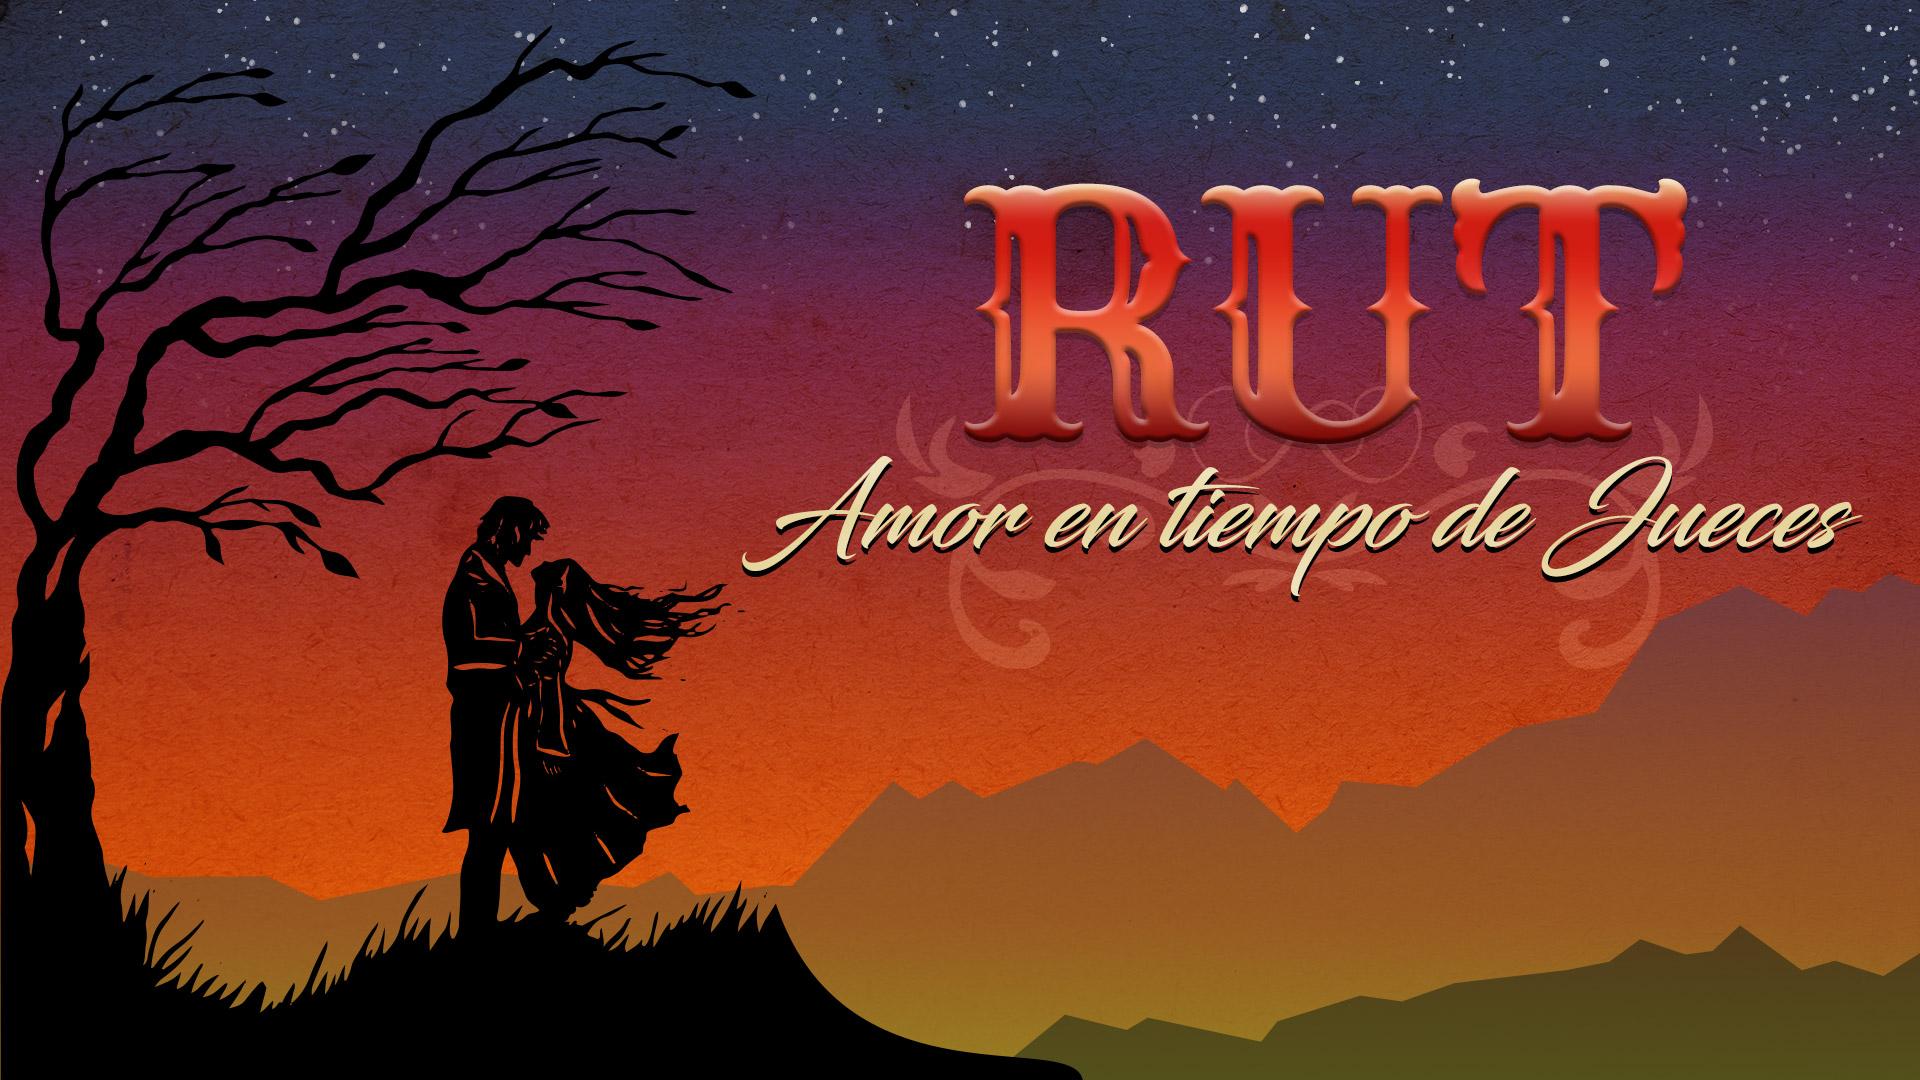 Rut - Dios bendiciendo personas, a través de personas.